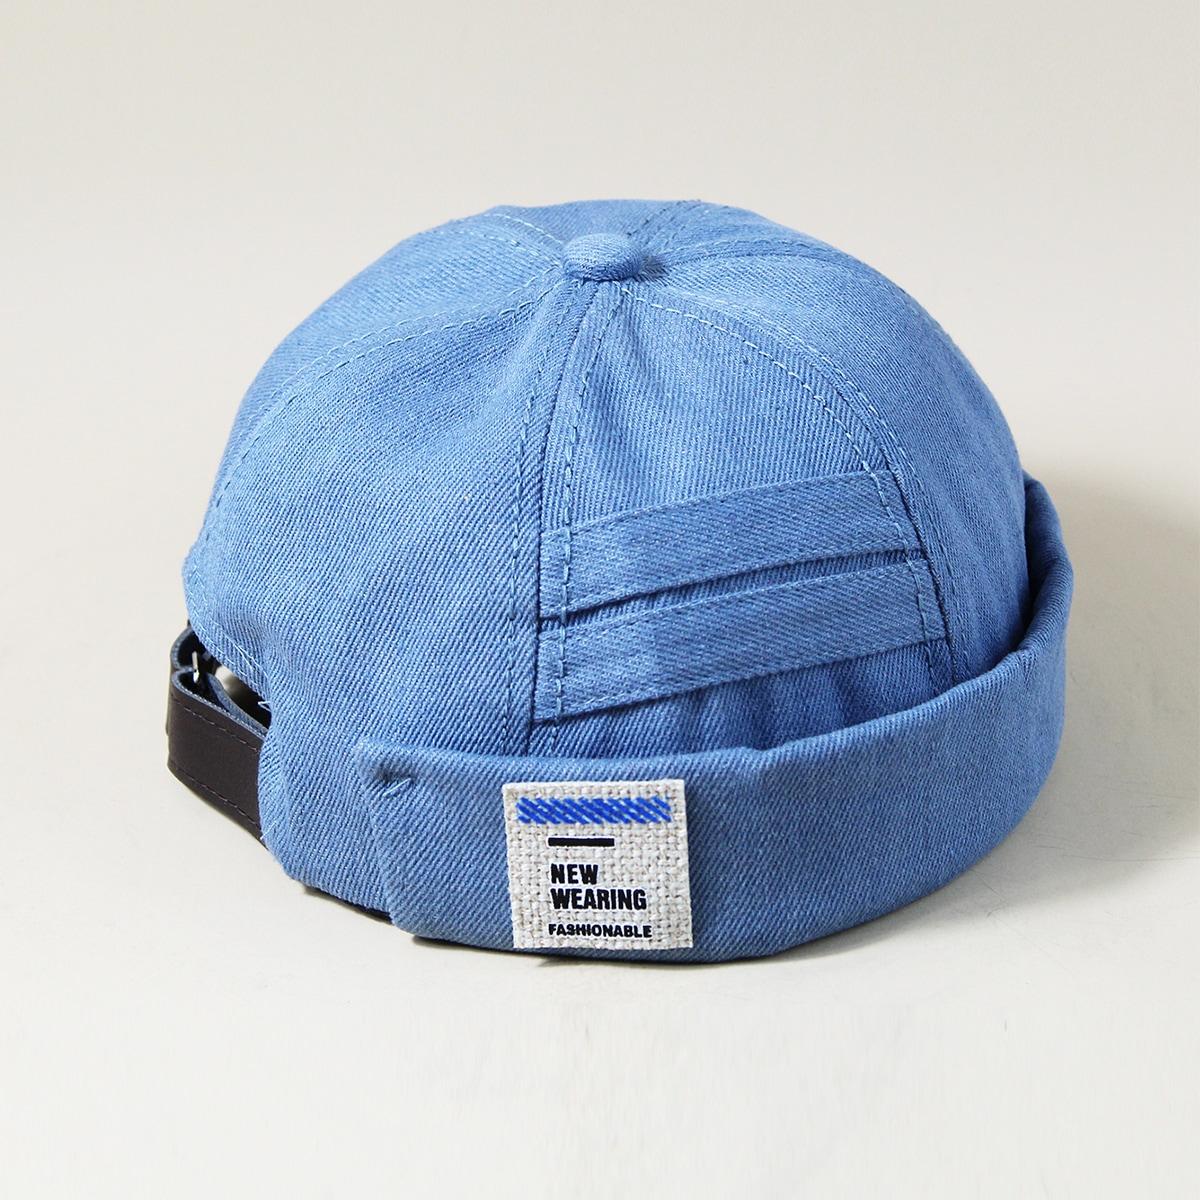 Мужская шляпа с текстовой заплатой от SHEIN